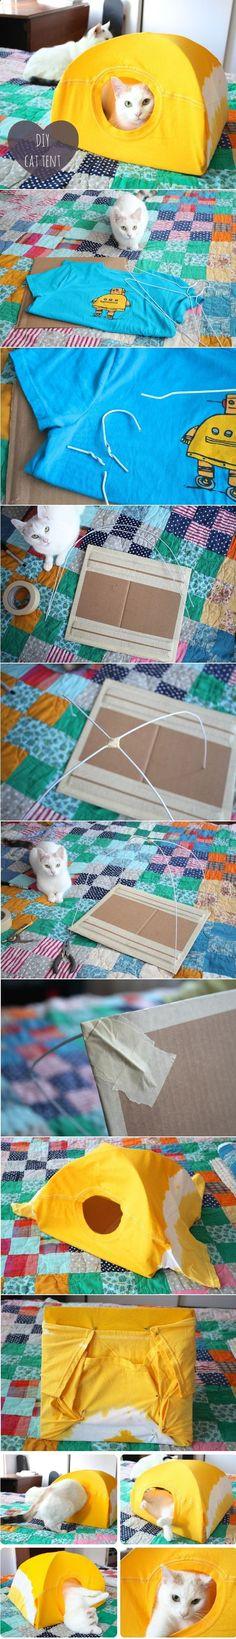 Cats Toys Ideas - DIY #Katzenspielzeug: Wenn du dein T-Shirt nicht mehr brauchst, bastel daraus ein Spielzeug für deine Katze. - Ideal toys for small cats